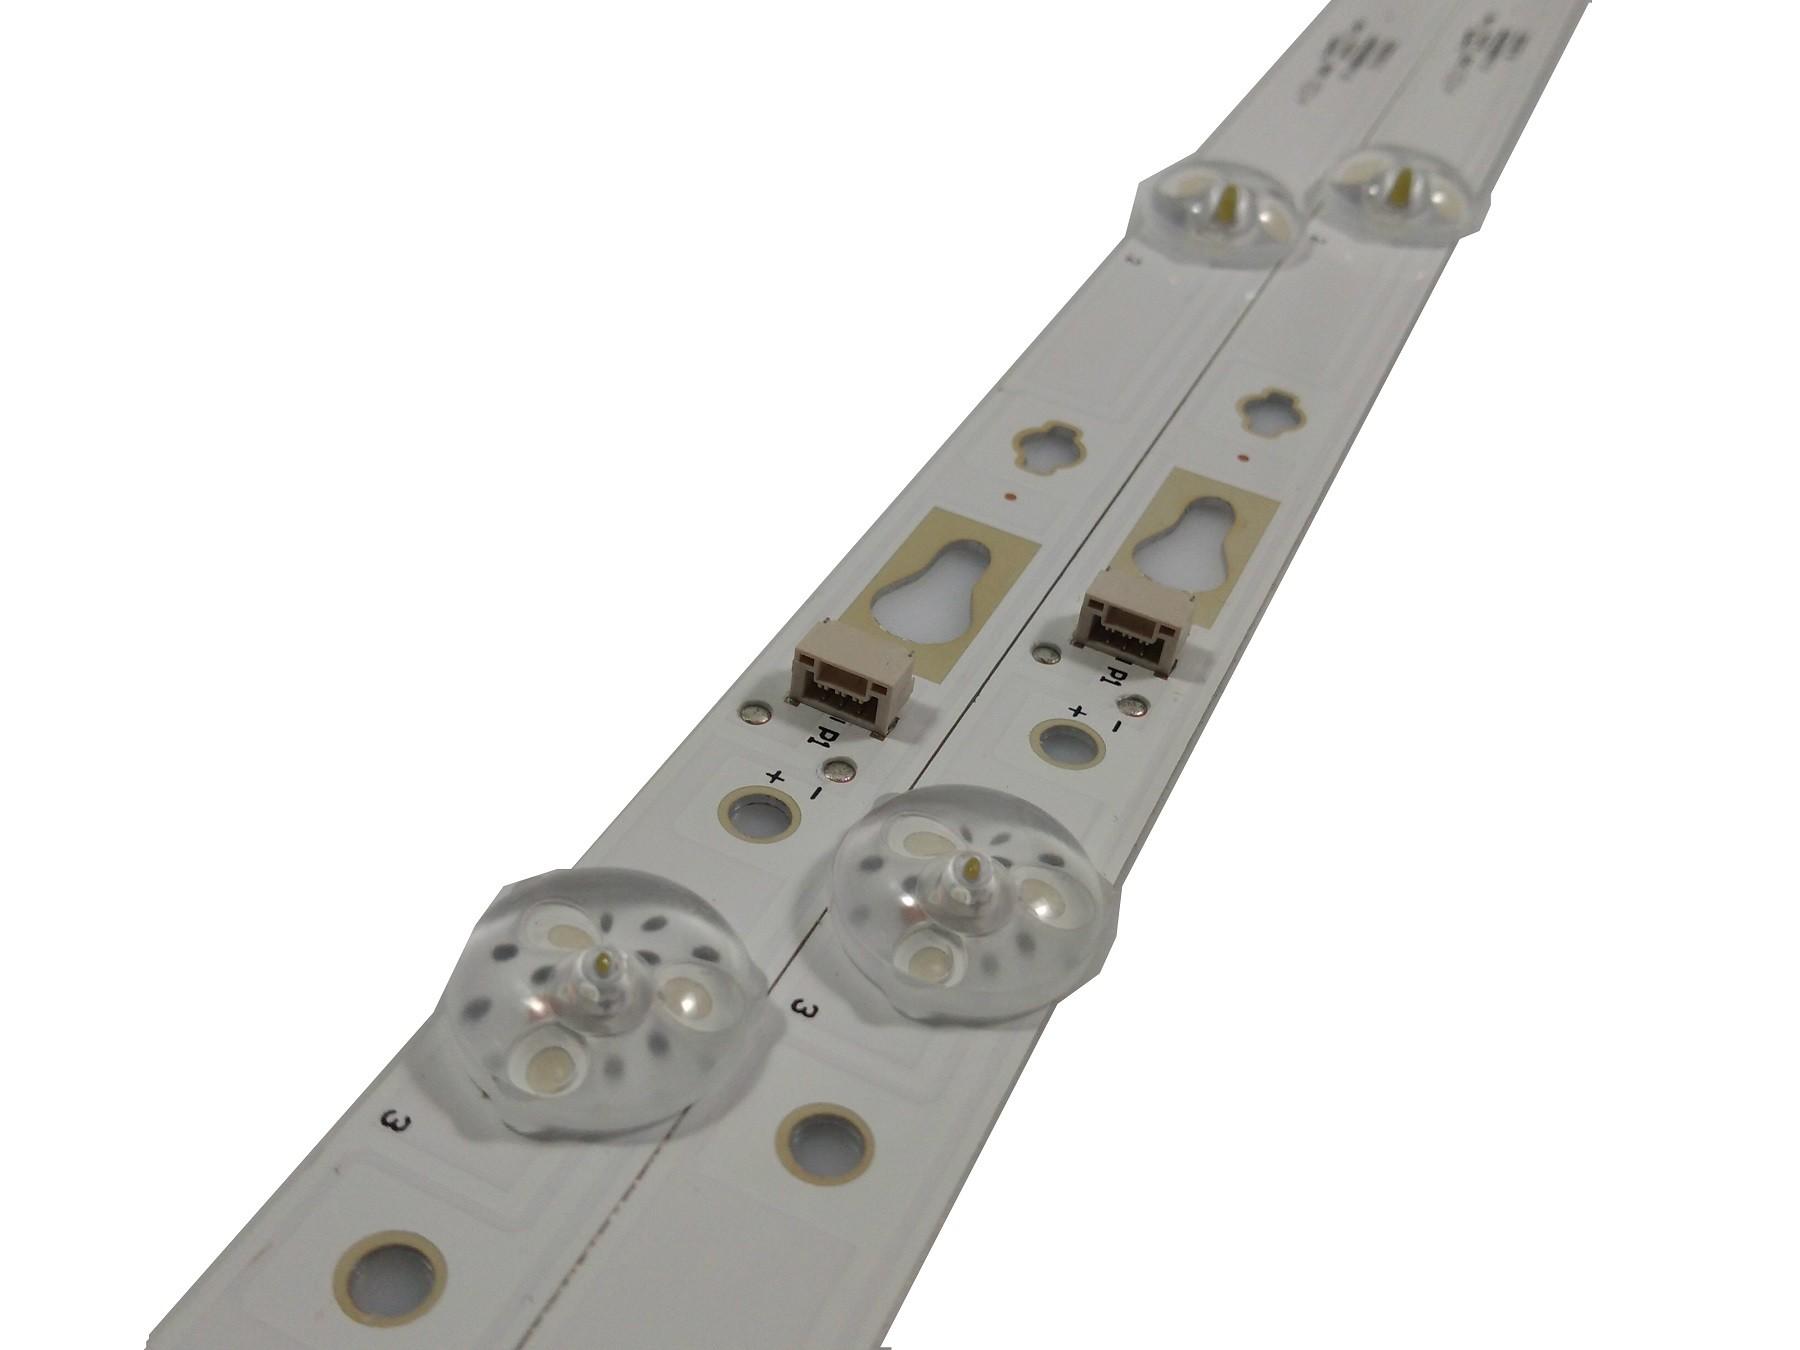 KIT BARRA DE LED TOSHIBA 32S6500S 32D1200